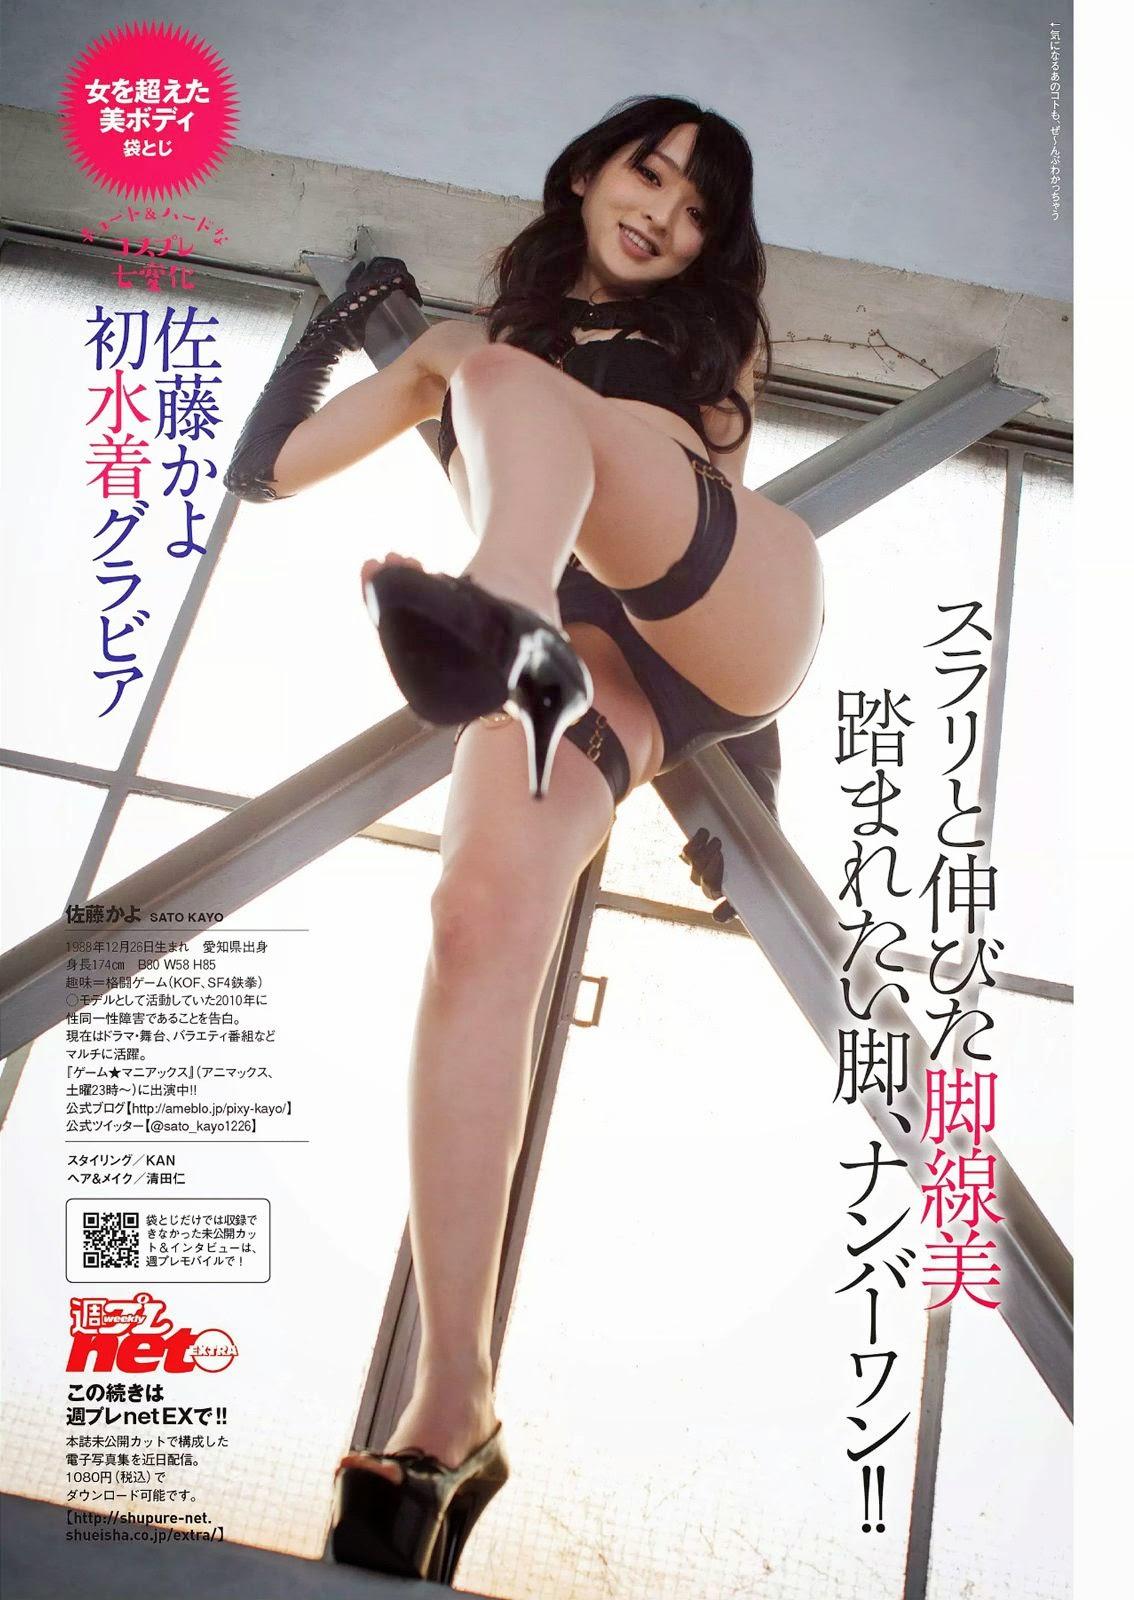 佐藤かよ Sato Kayo コスプレ 七変化 Cosplay Shichi Henge Bondage 02